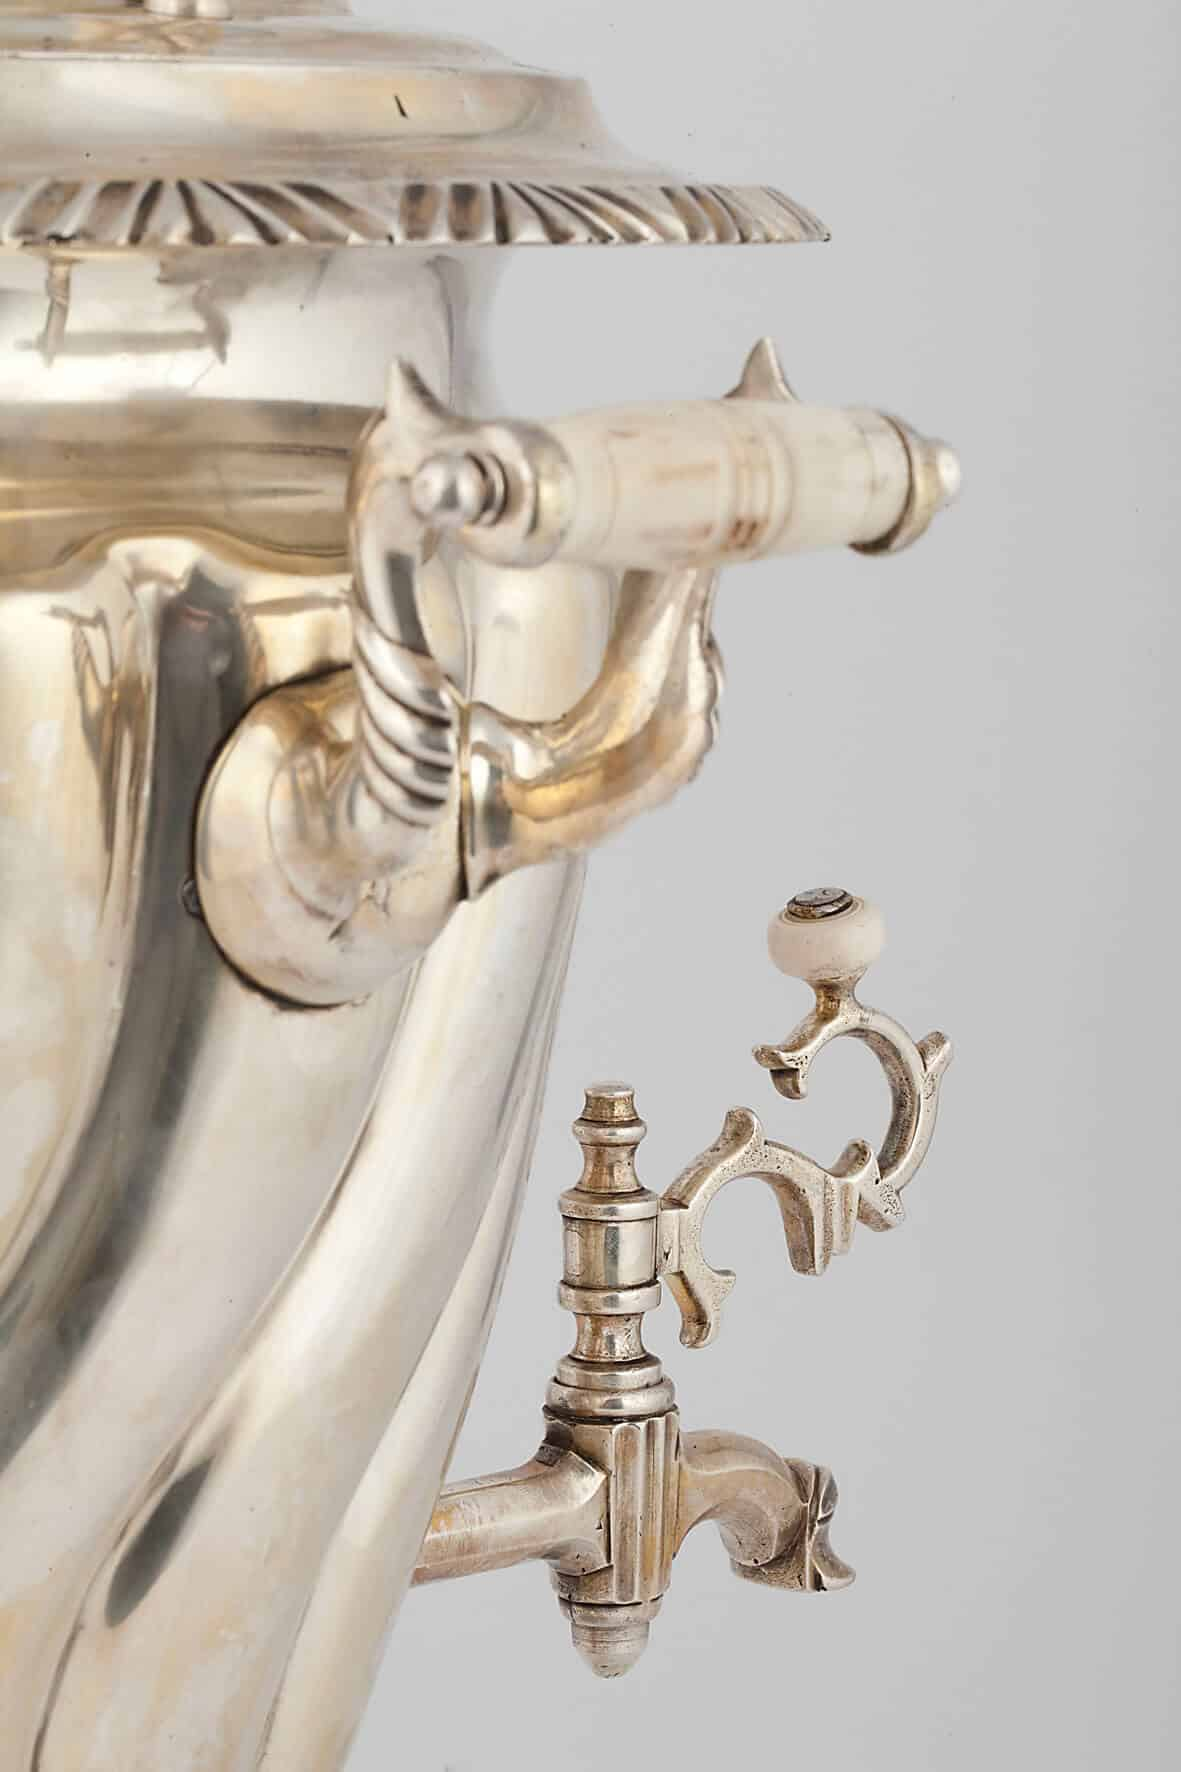 КБ 468   Самовар-рюмка с витыми овалами   Музей самоваров и бульоток